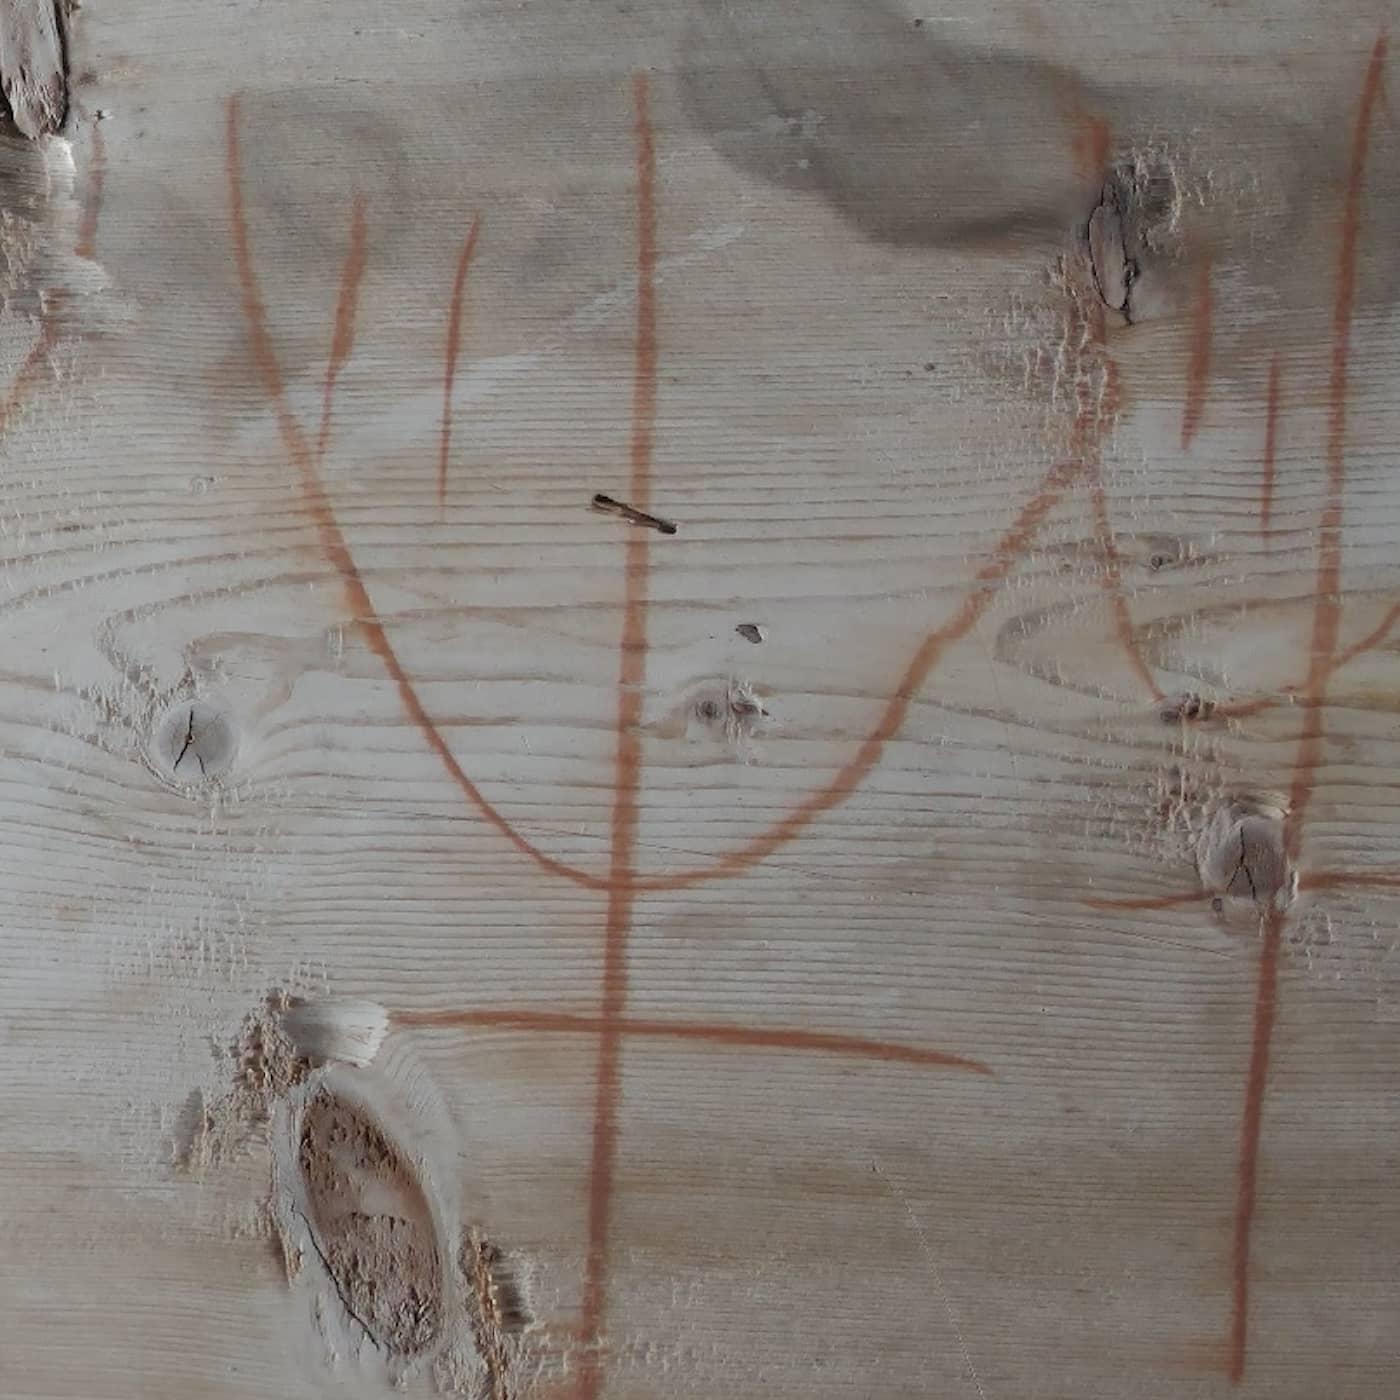 Hälsingerunor avslöjar Kensingtonstenens historia